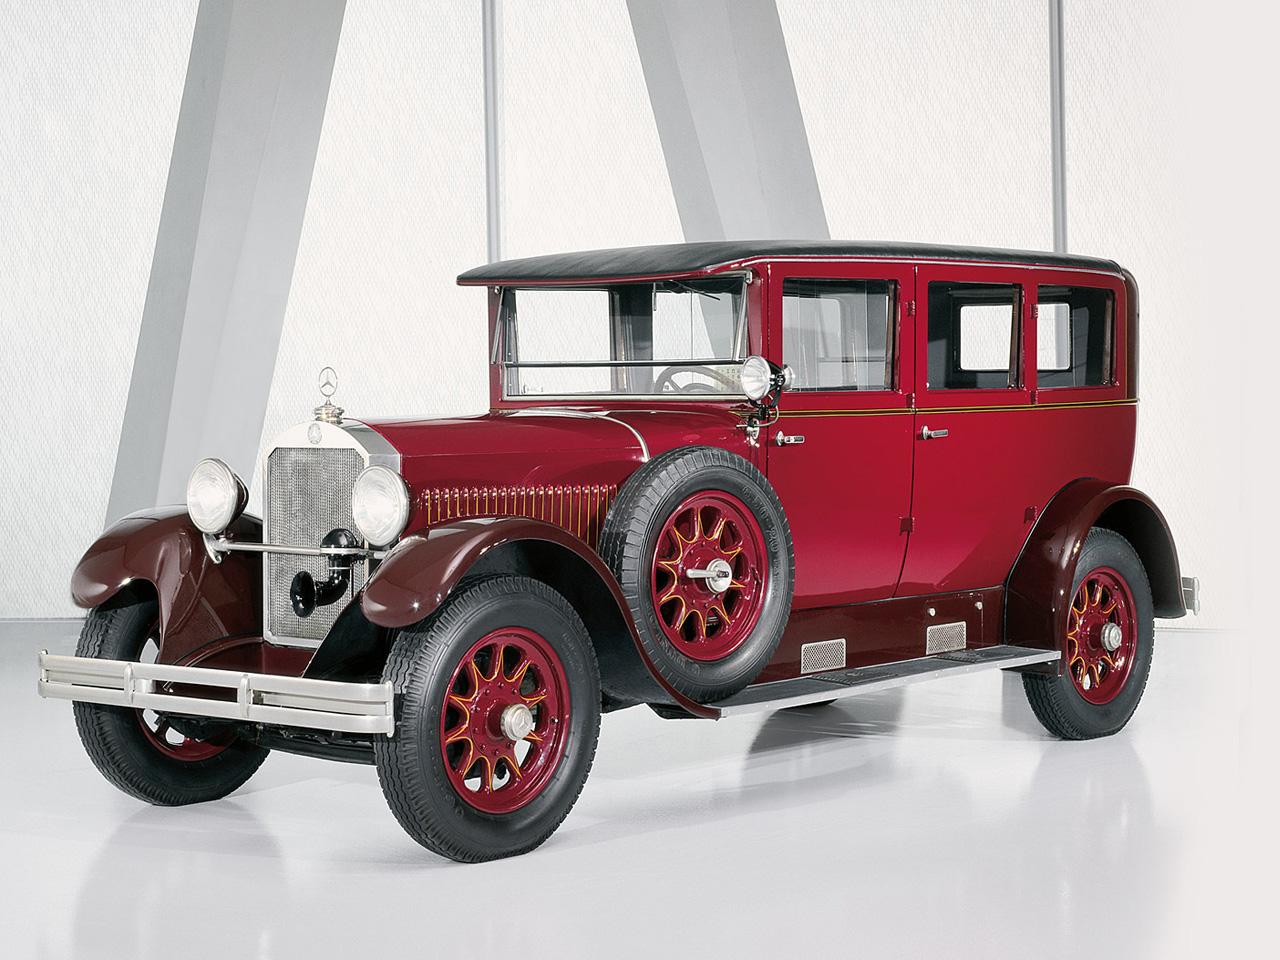 les plus belles photos des tacots Mercedes-Benz - ancêtres oldtimers... juste pour rêver et pour le plaisir des yeux 146929mbtacot0003